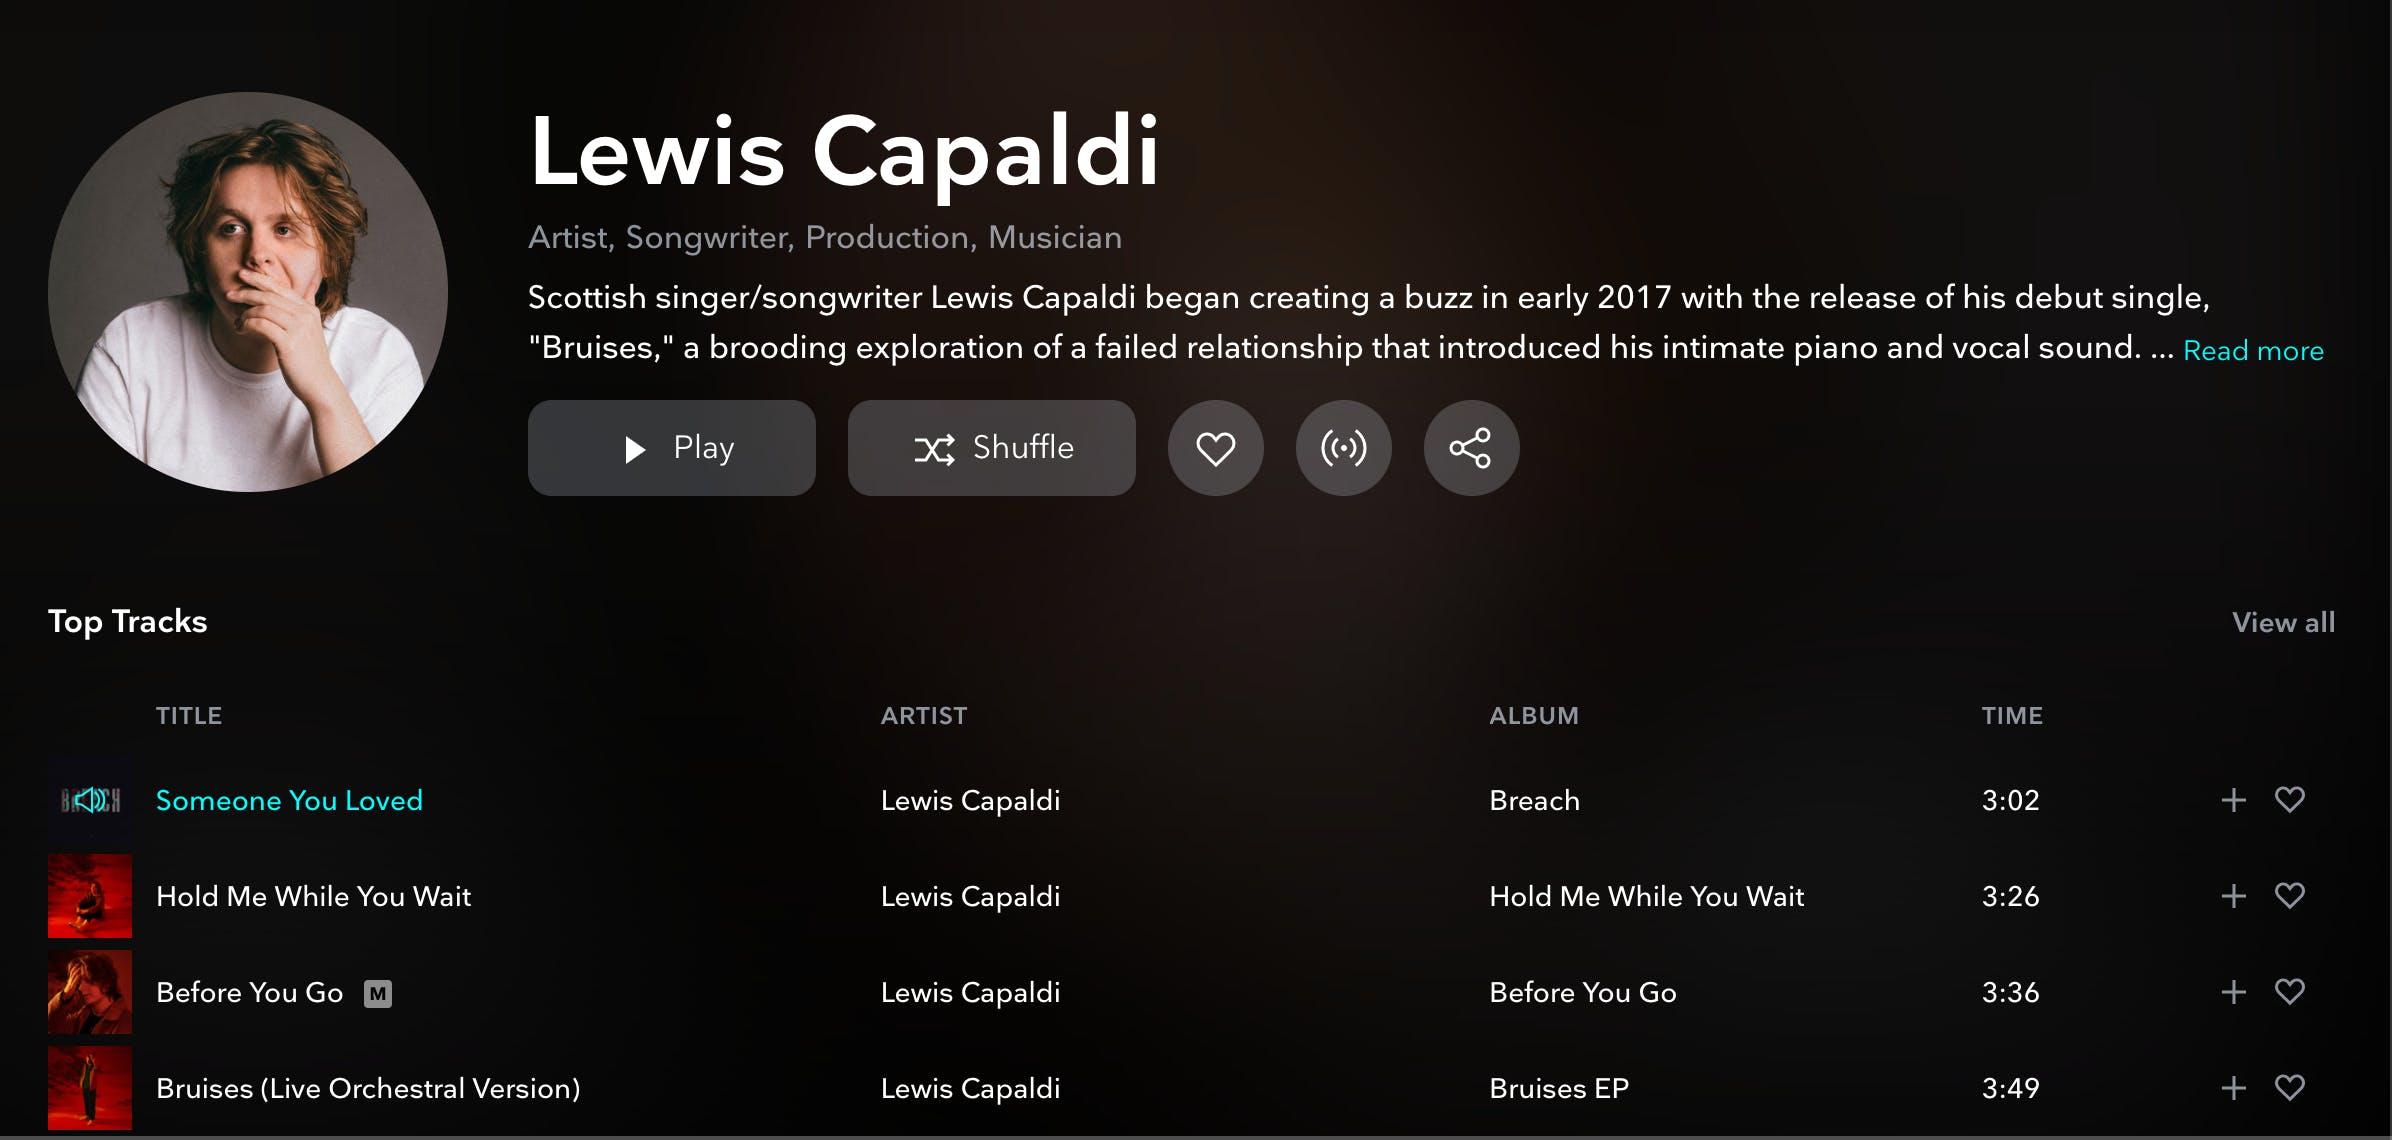 Lewis Capaldi - TIDAL